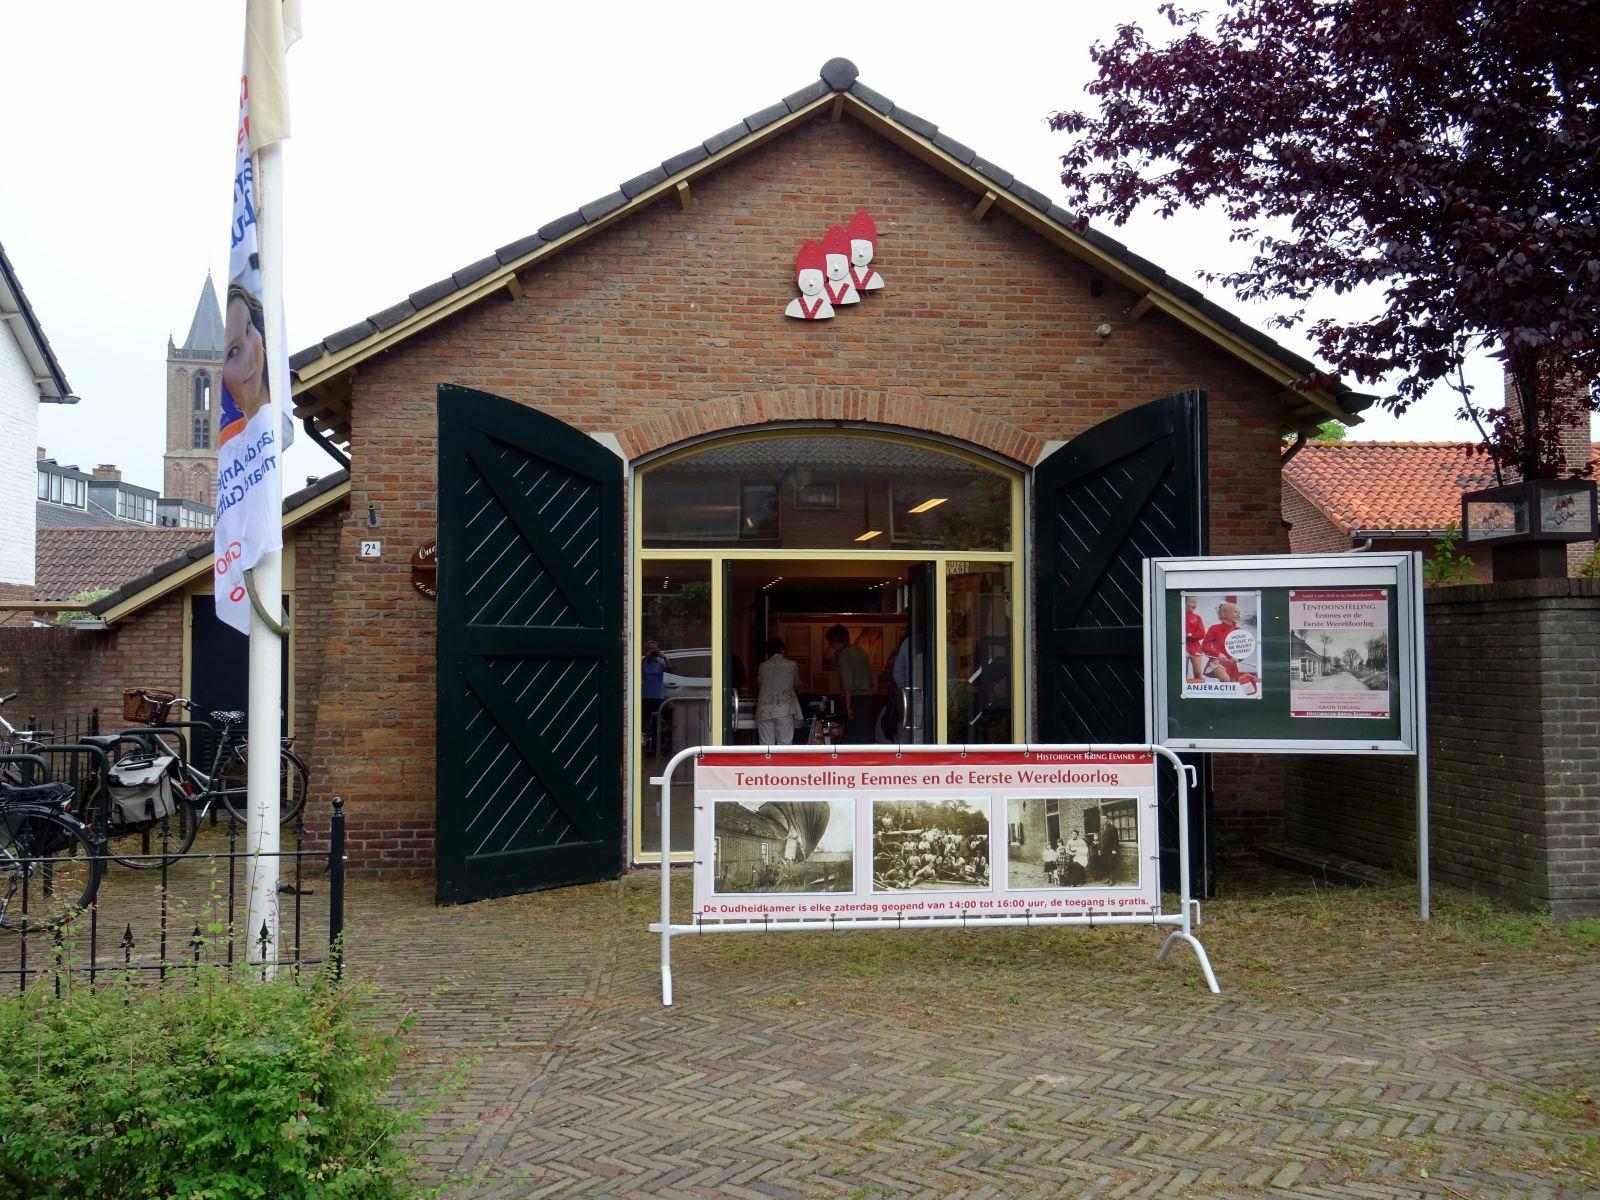 De fietsroute kan opgehaald worden tijdens de openingstijden van de Historische Kring vanaf 1 september.